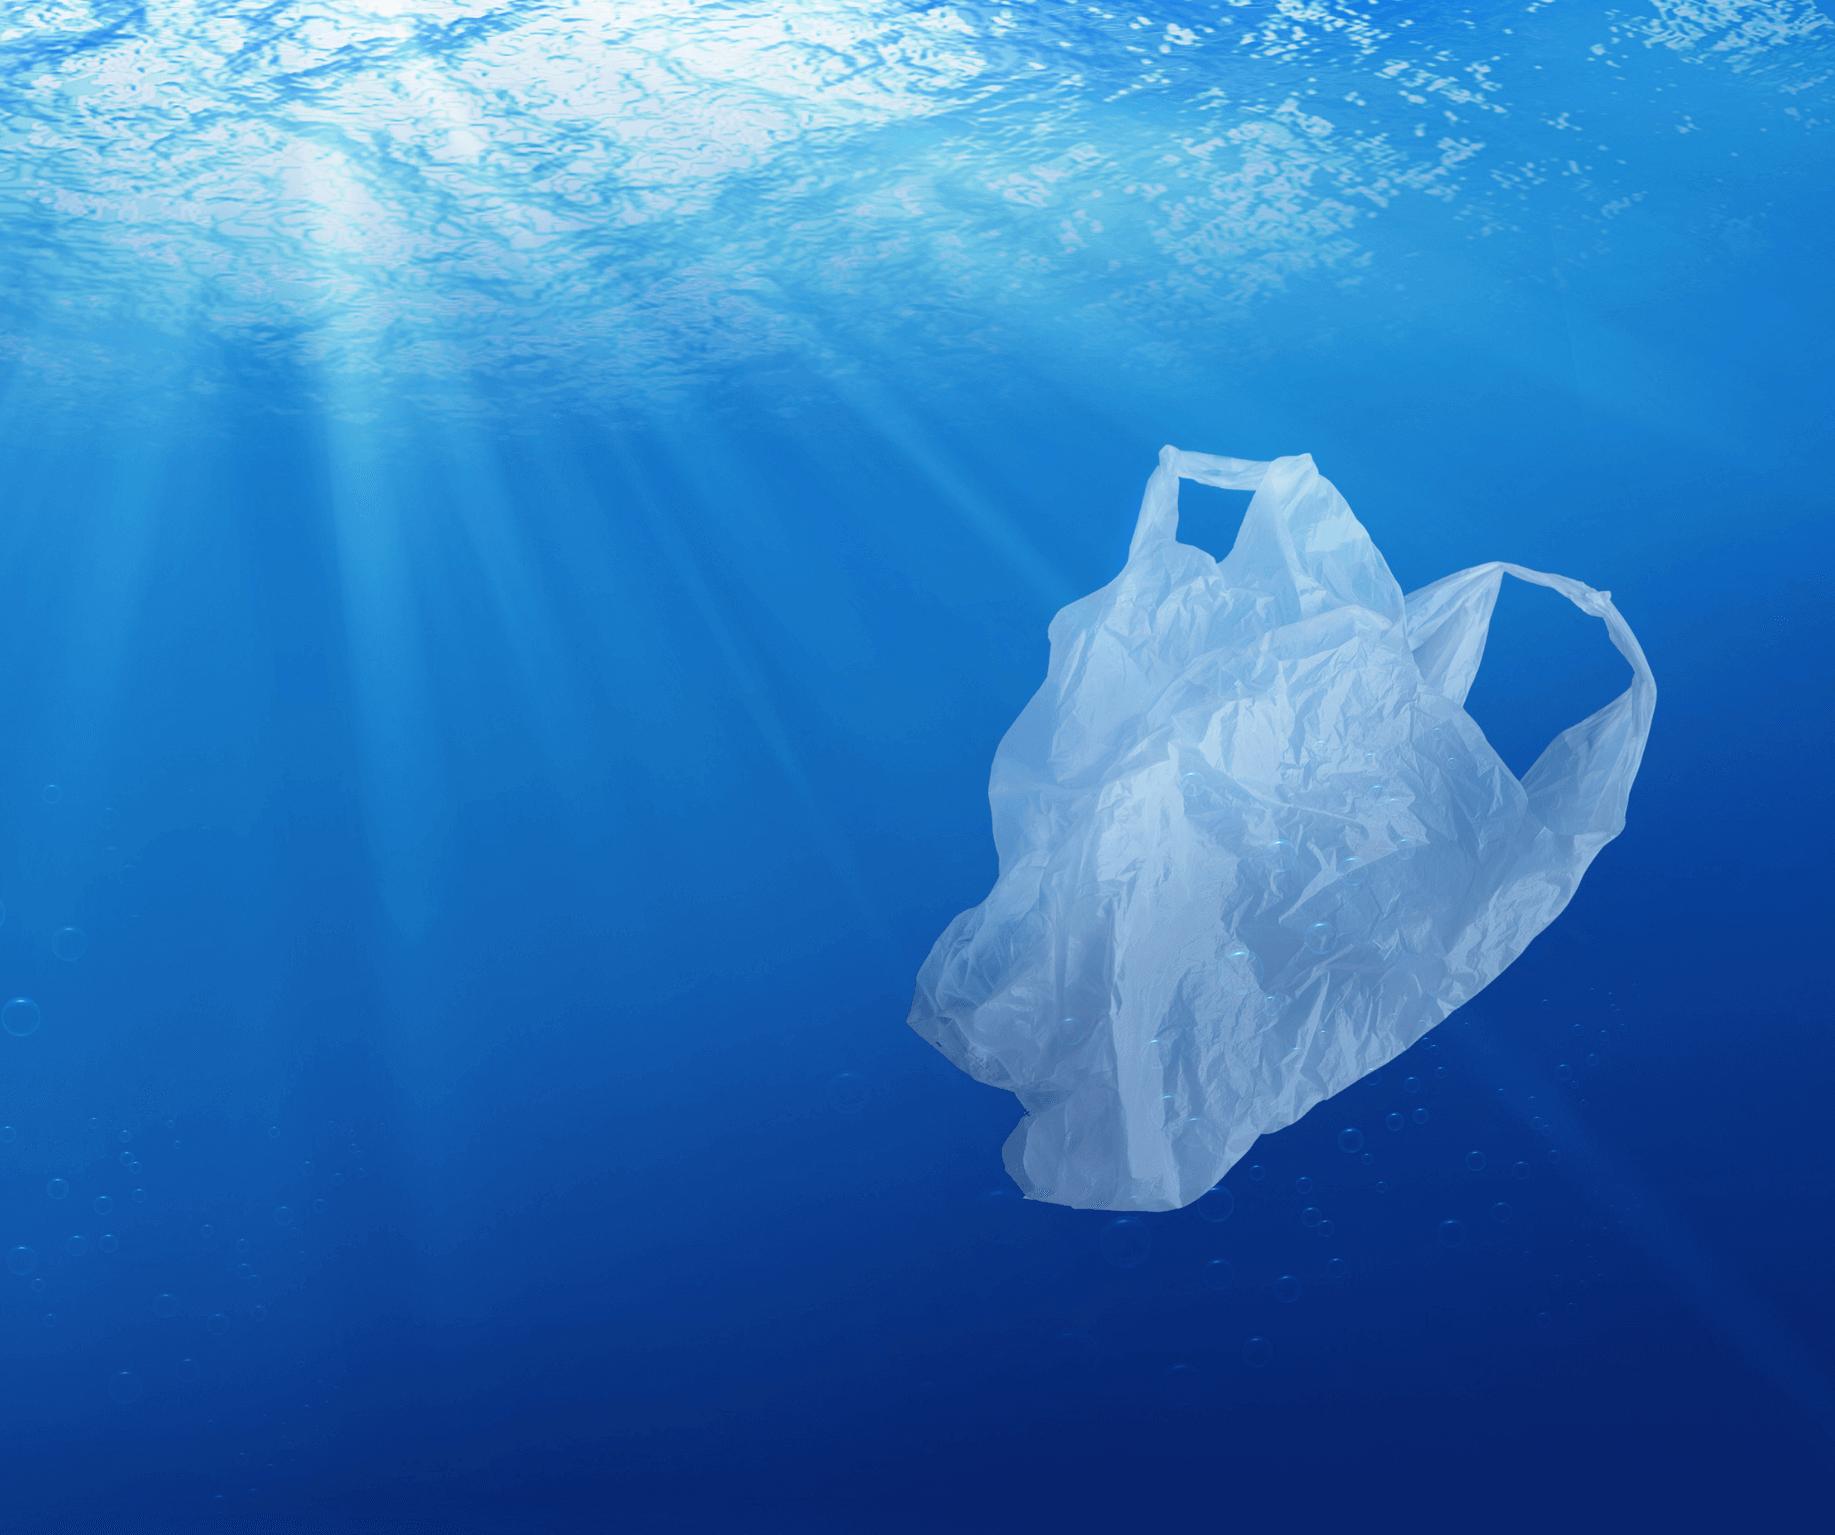 la normativa sobre bolsas de plástico es necesaria para reducir este material en los océanos